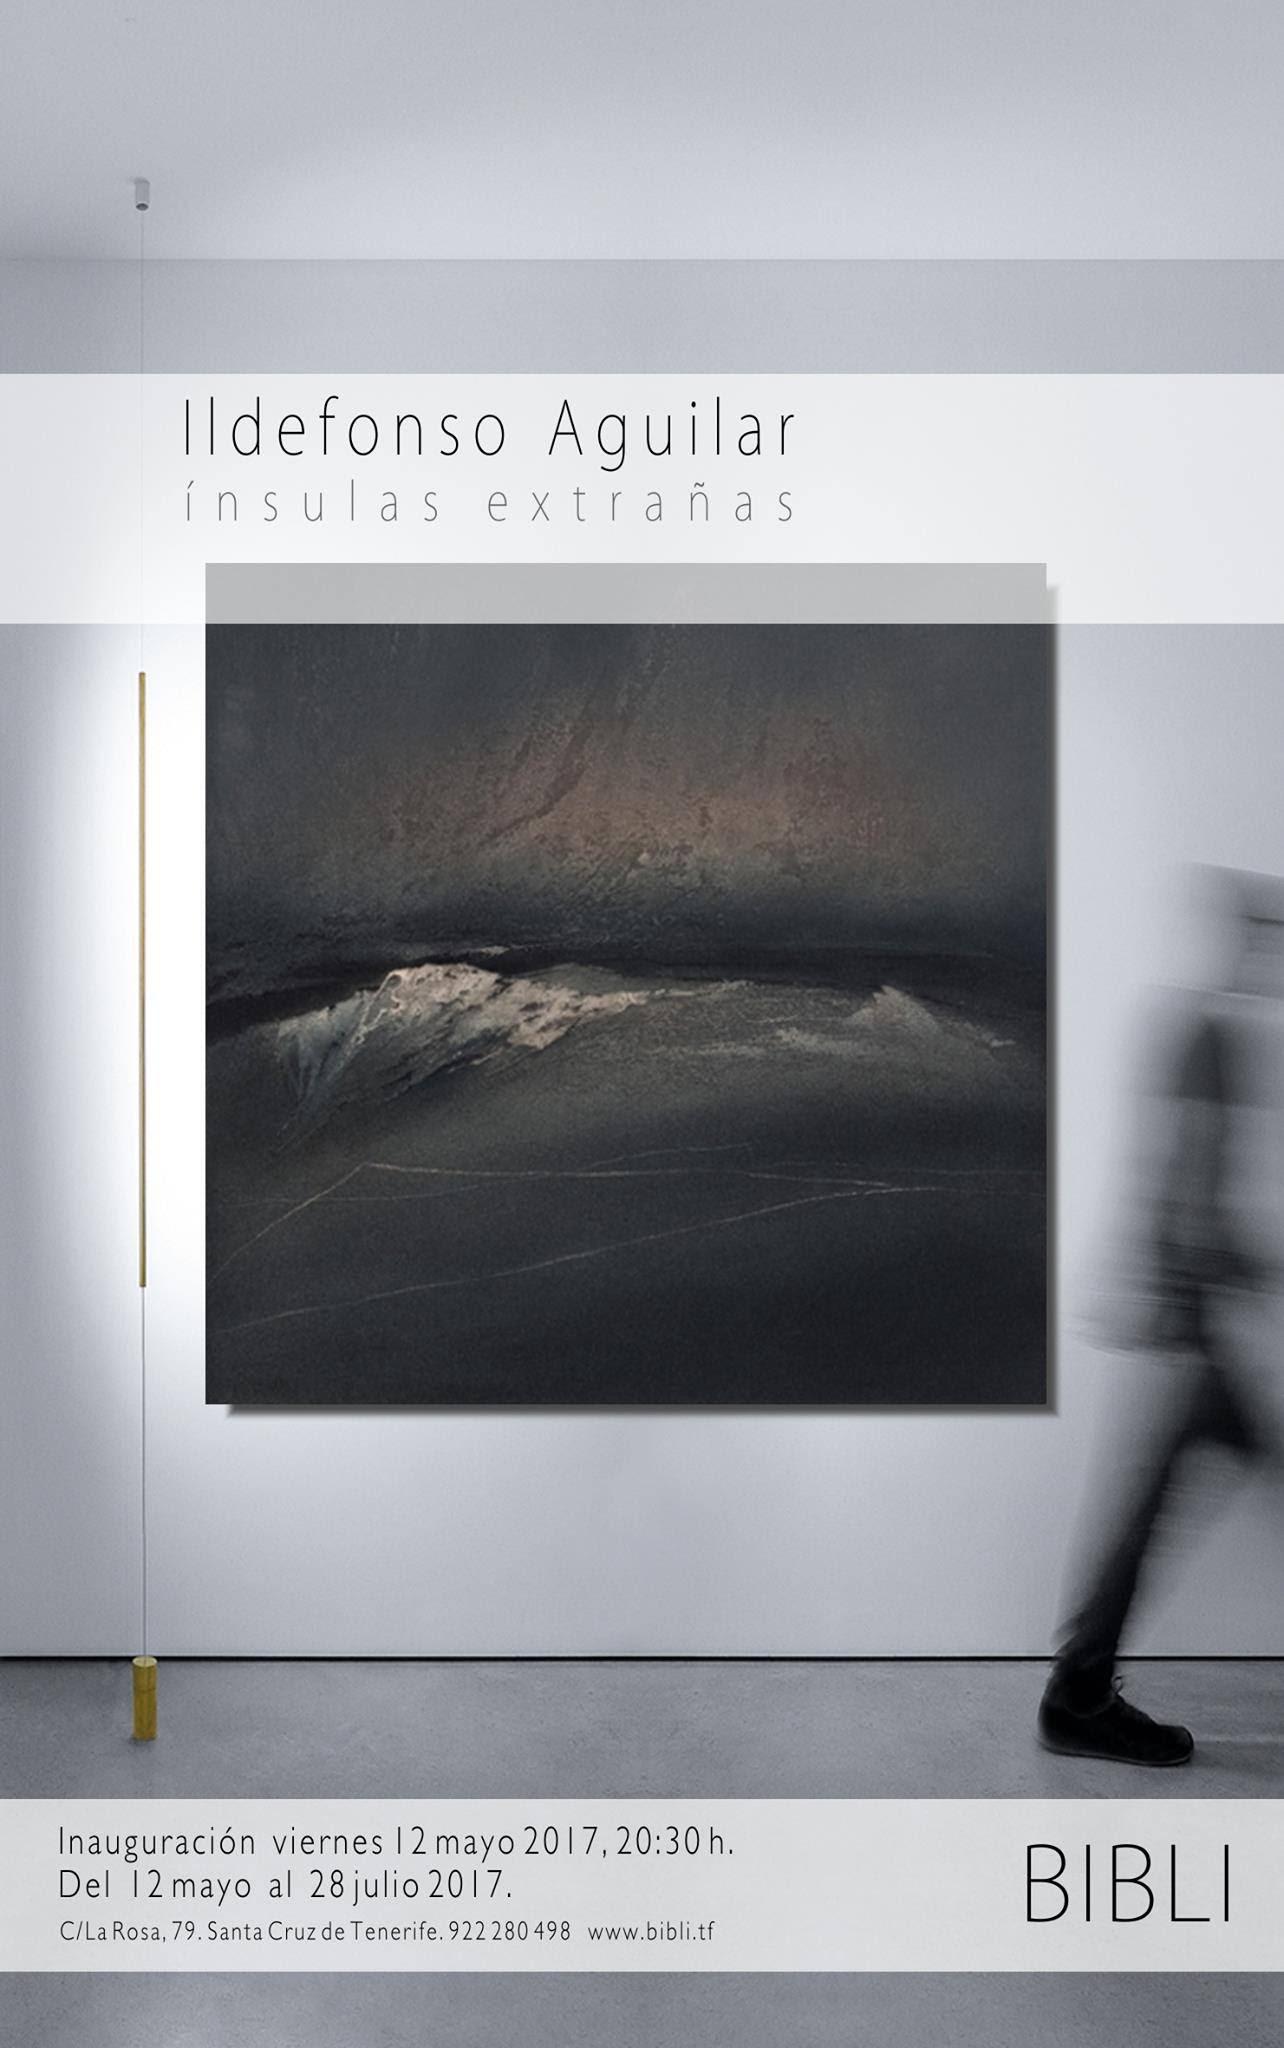 Ildefonso Aguilar